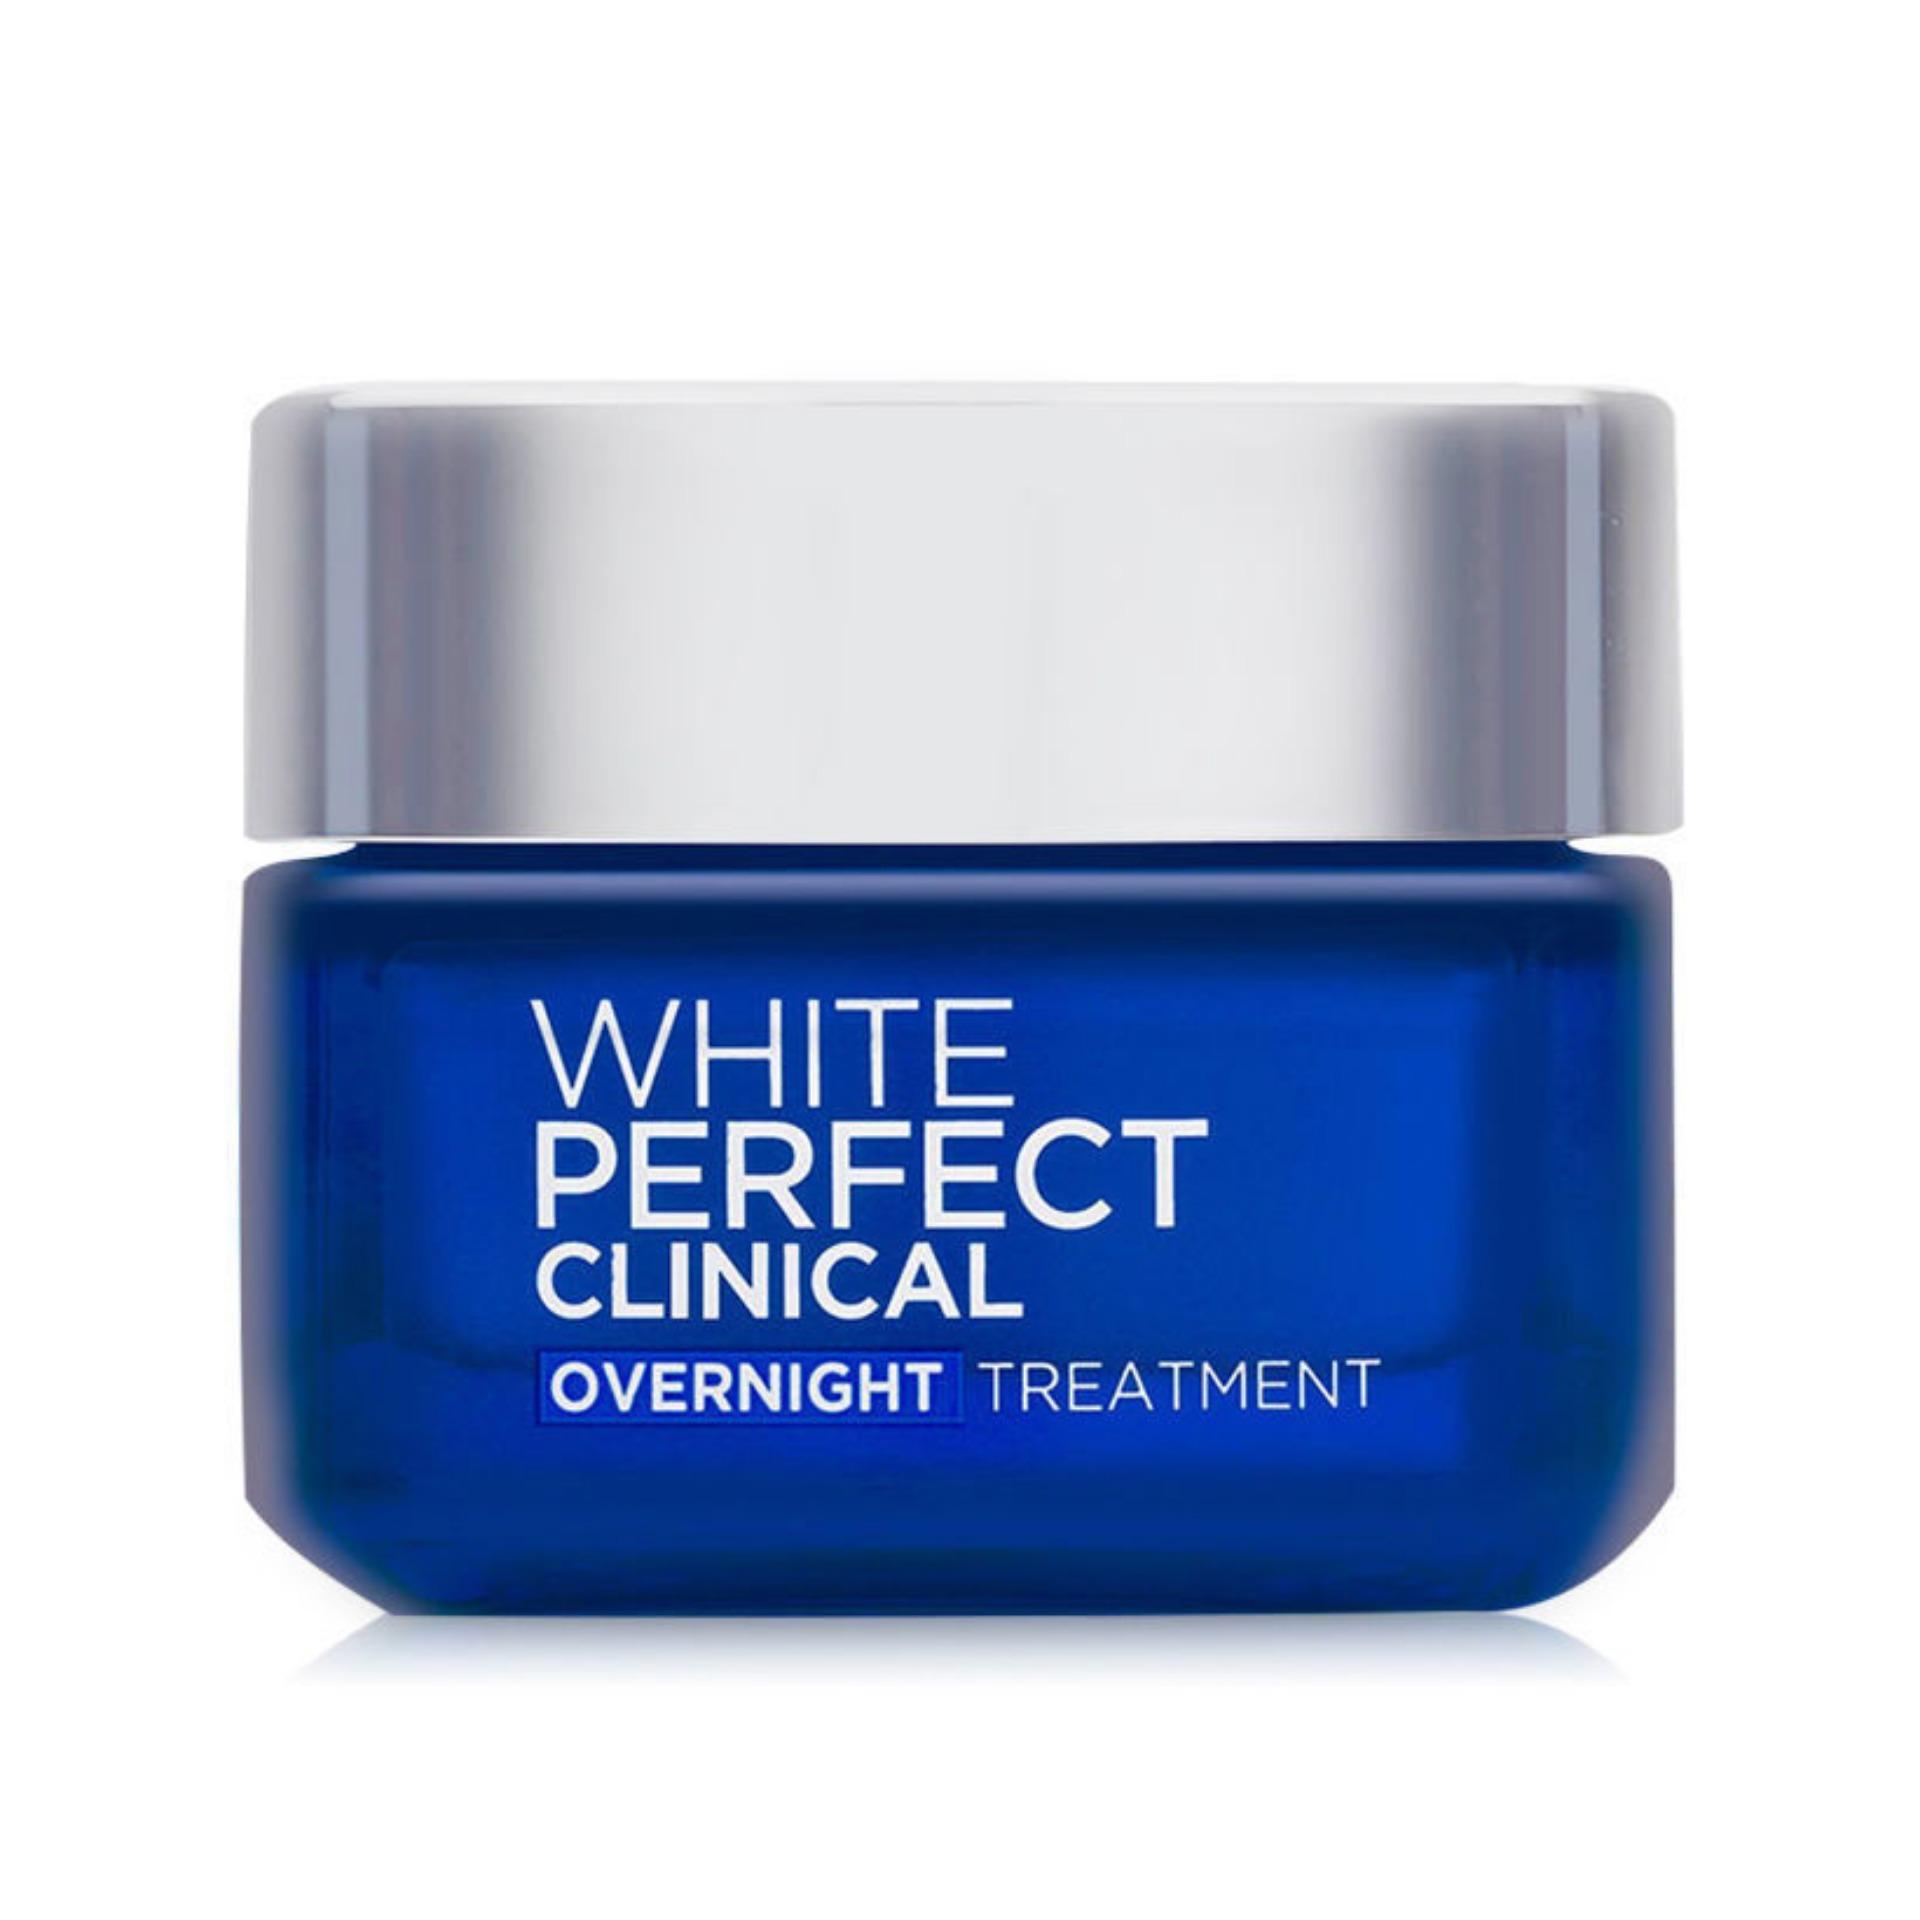 Kem dưỡng ban đêm giảm thâm nám và trắng mịn LOreal White Perfect Clinical 50ml